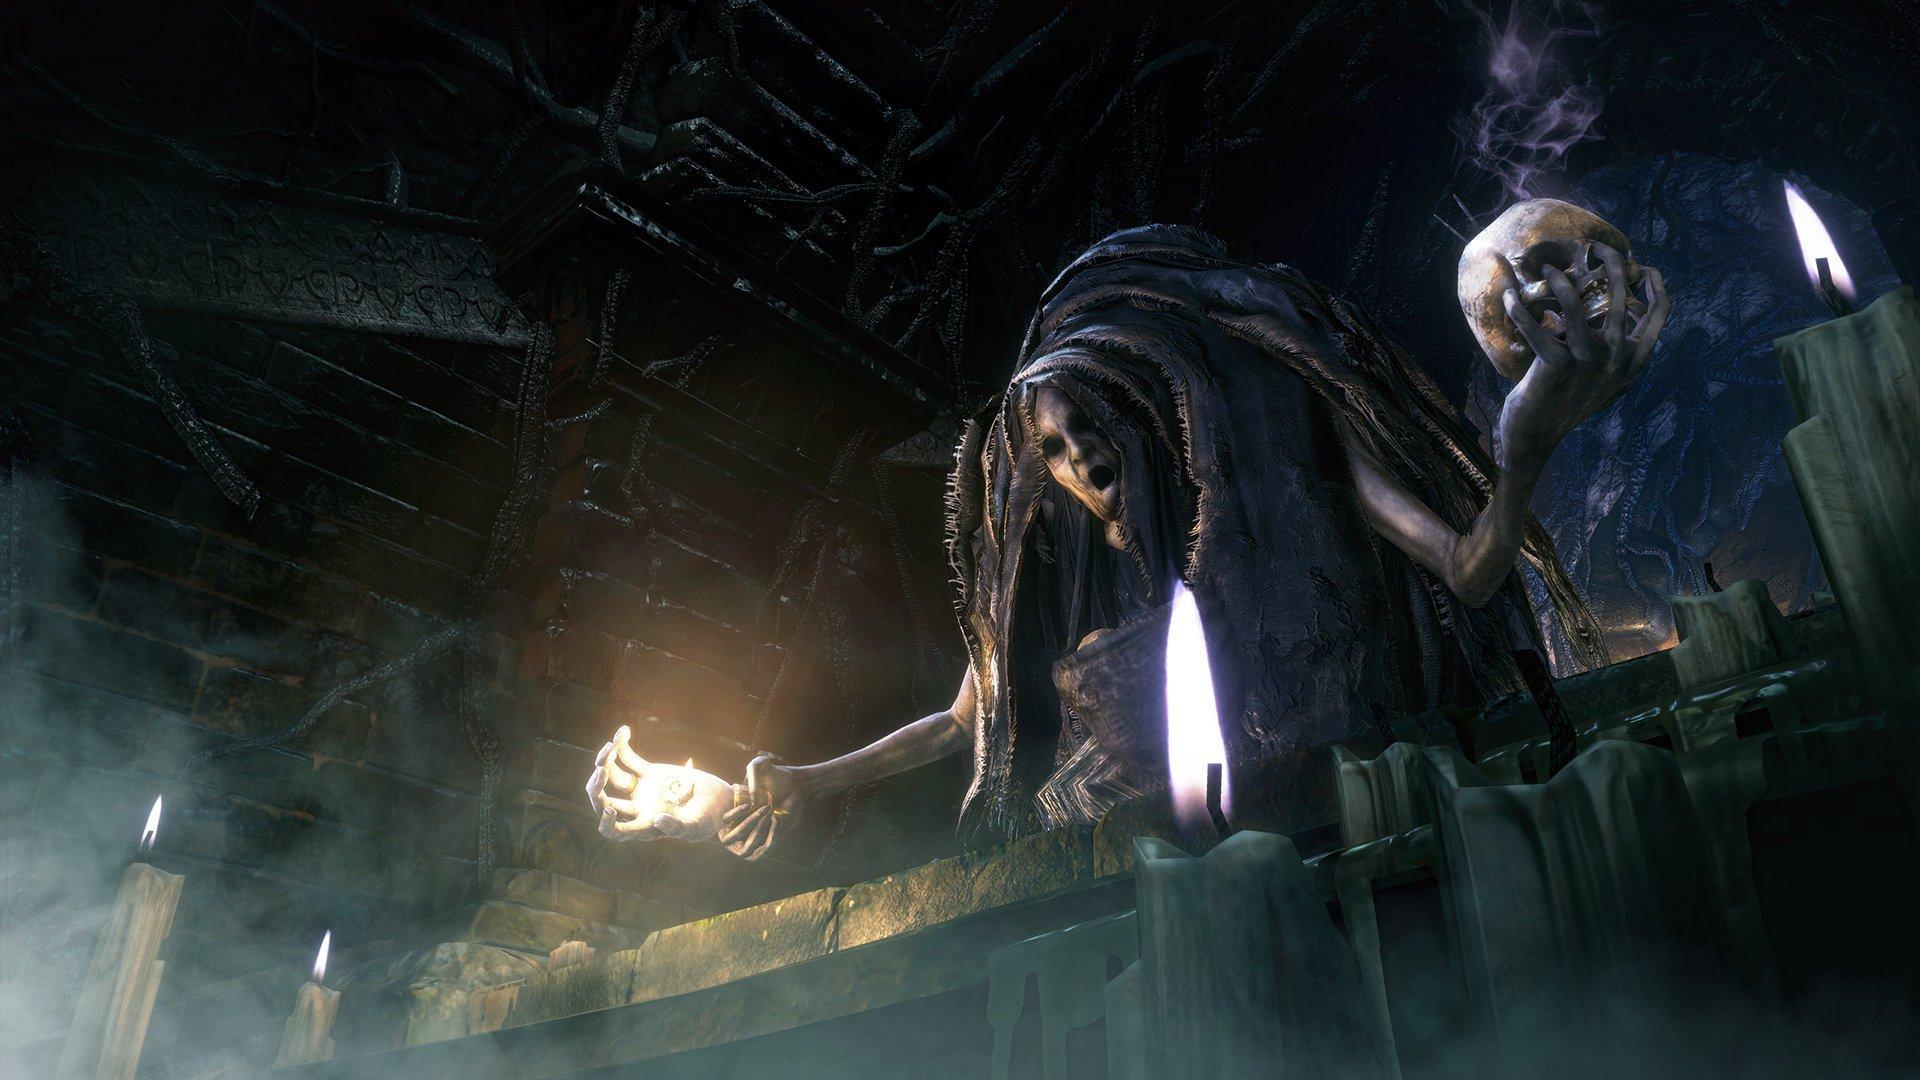 Bloodborne : мерзкие  твари и немного слов о некоторых локациях. - Изображение 2